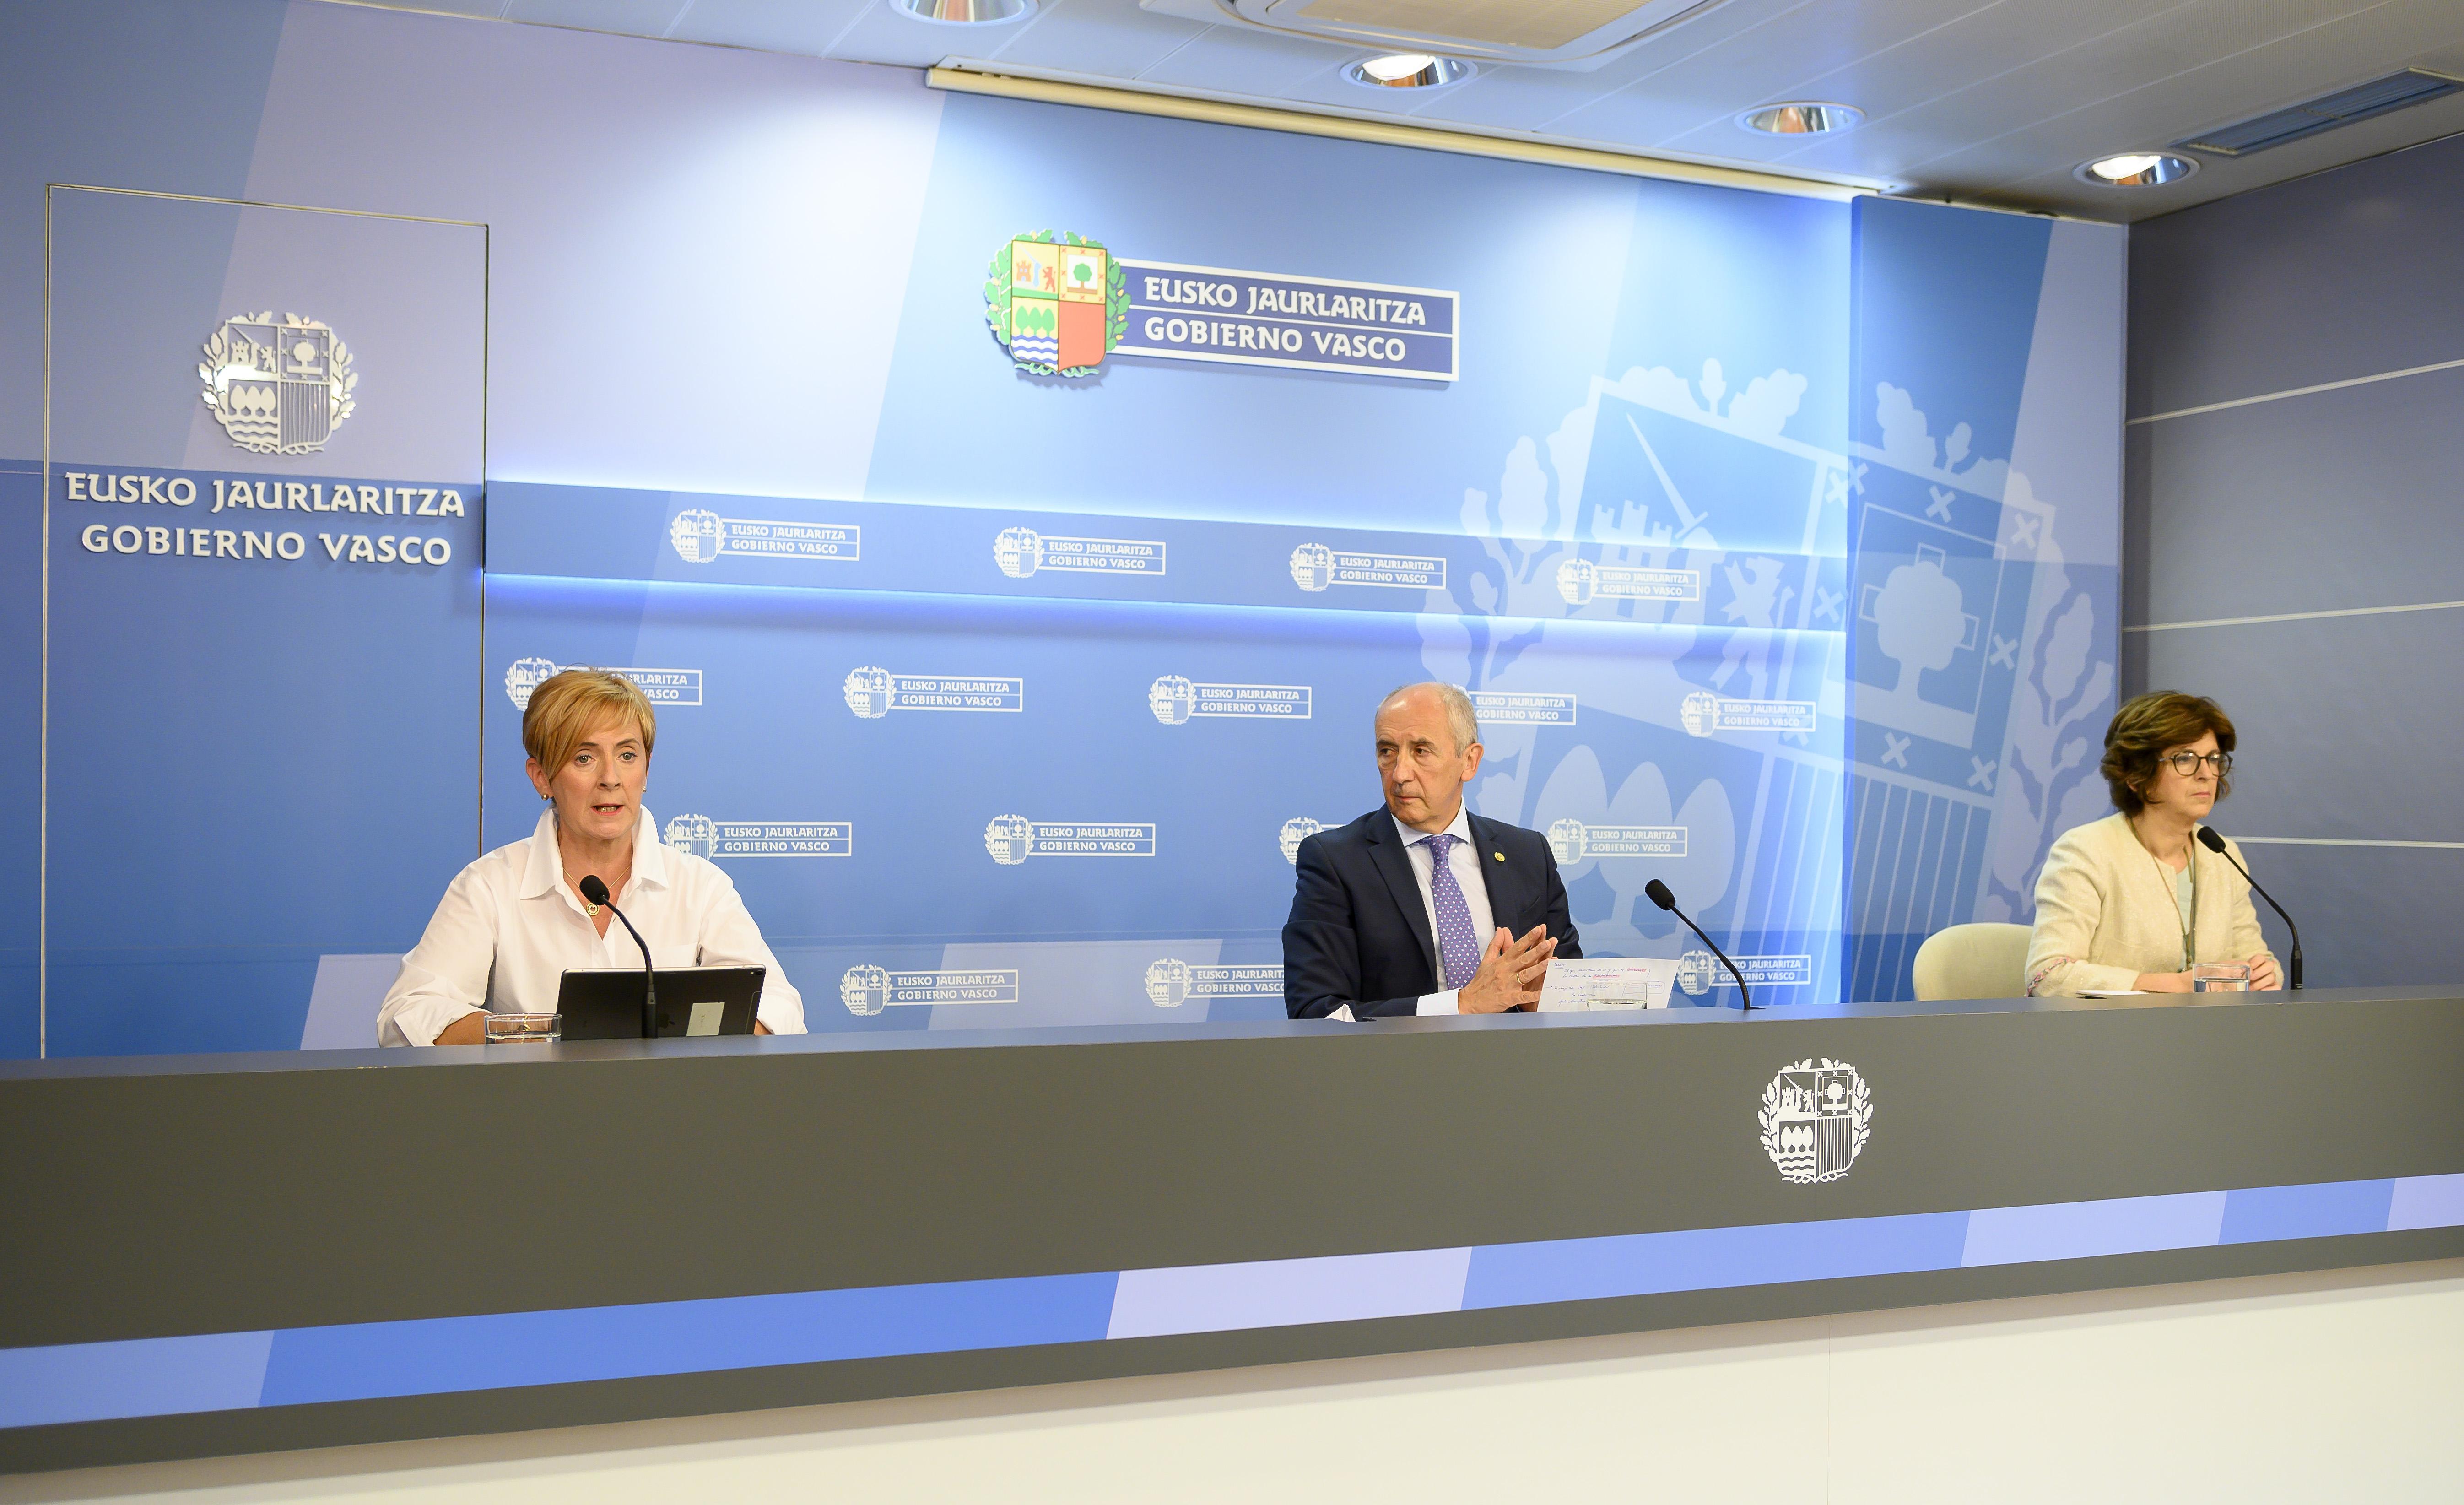 El Gobierno aprueba nuevas ayudas para afrontar la crisis económica y de empleo derivada de la Covid-19